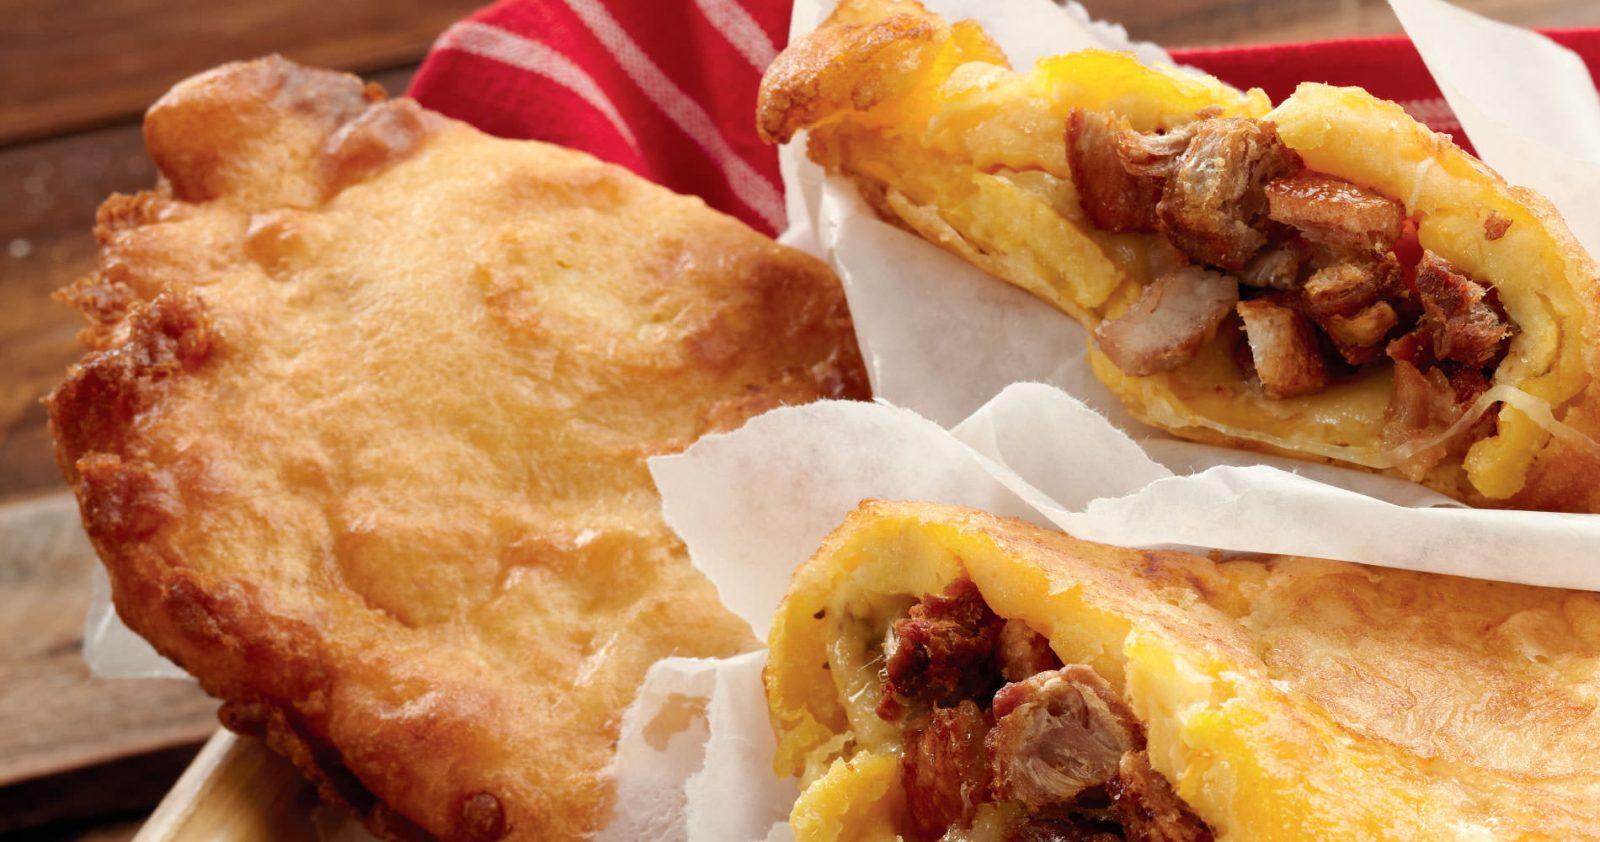 Aborrajado con Chicharrón de Tocino Barriguero de Cerdo y queso doble crema